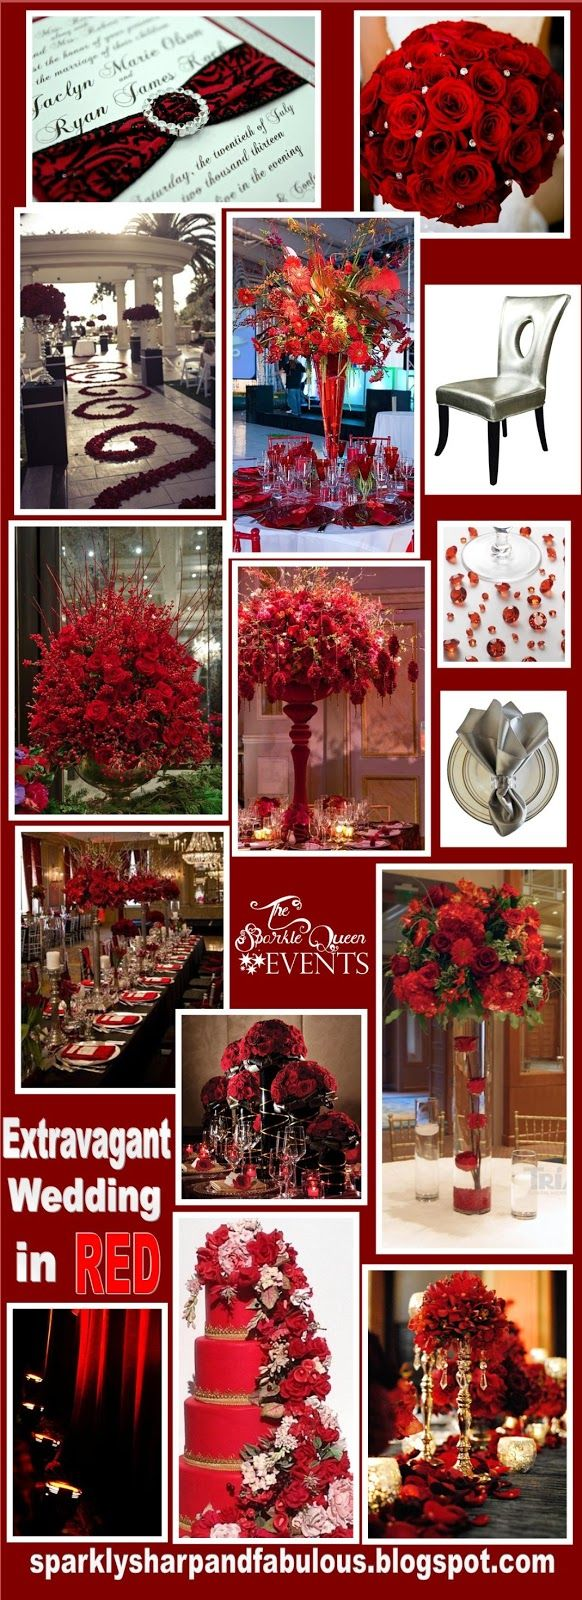 95 best Wedding n random images on Pinterest   Weddings, Vintage ...